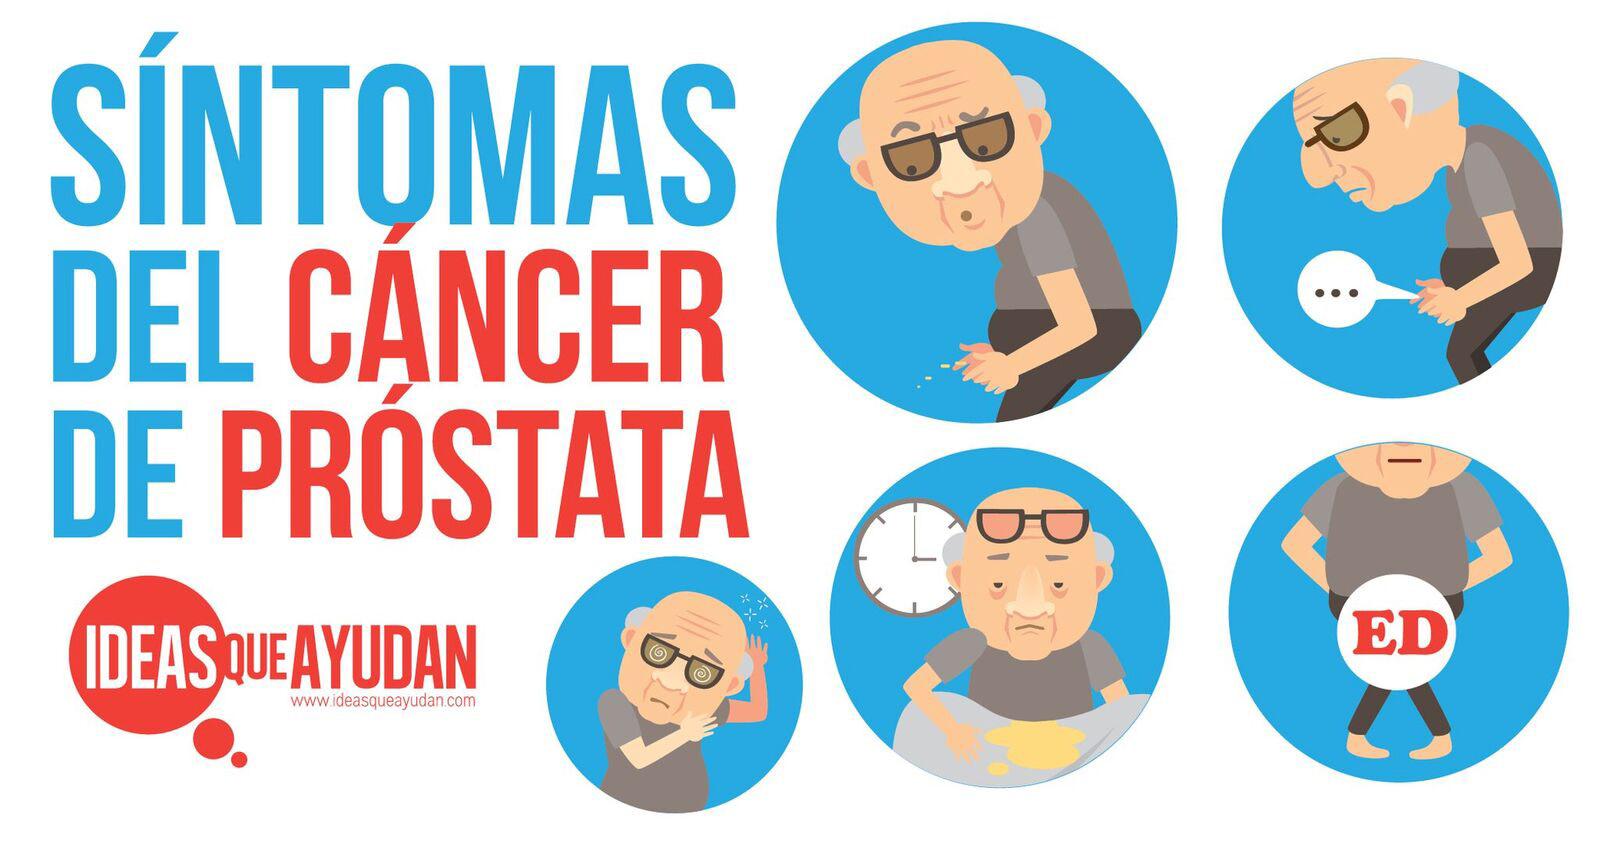 causa genetica del cancer de prostata